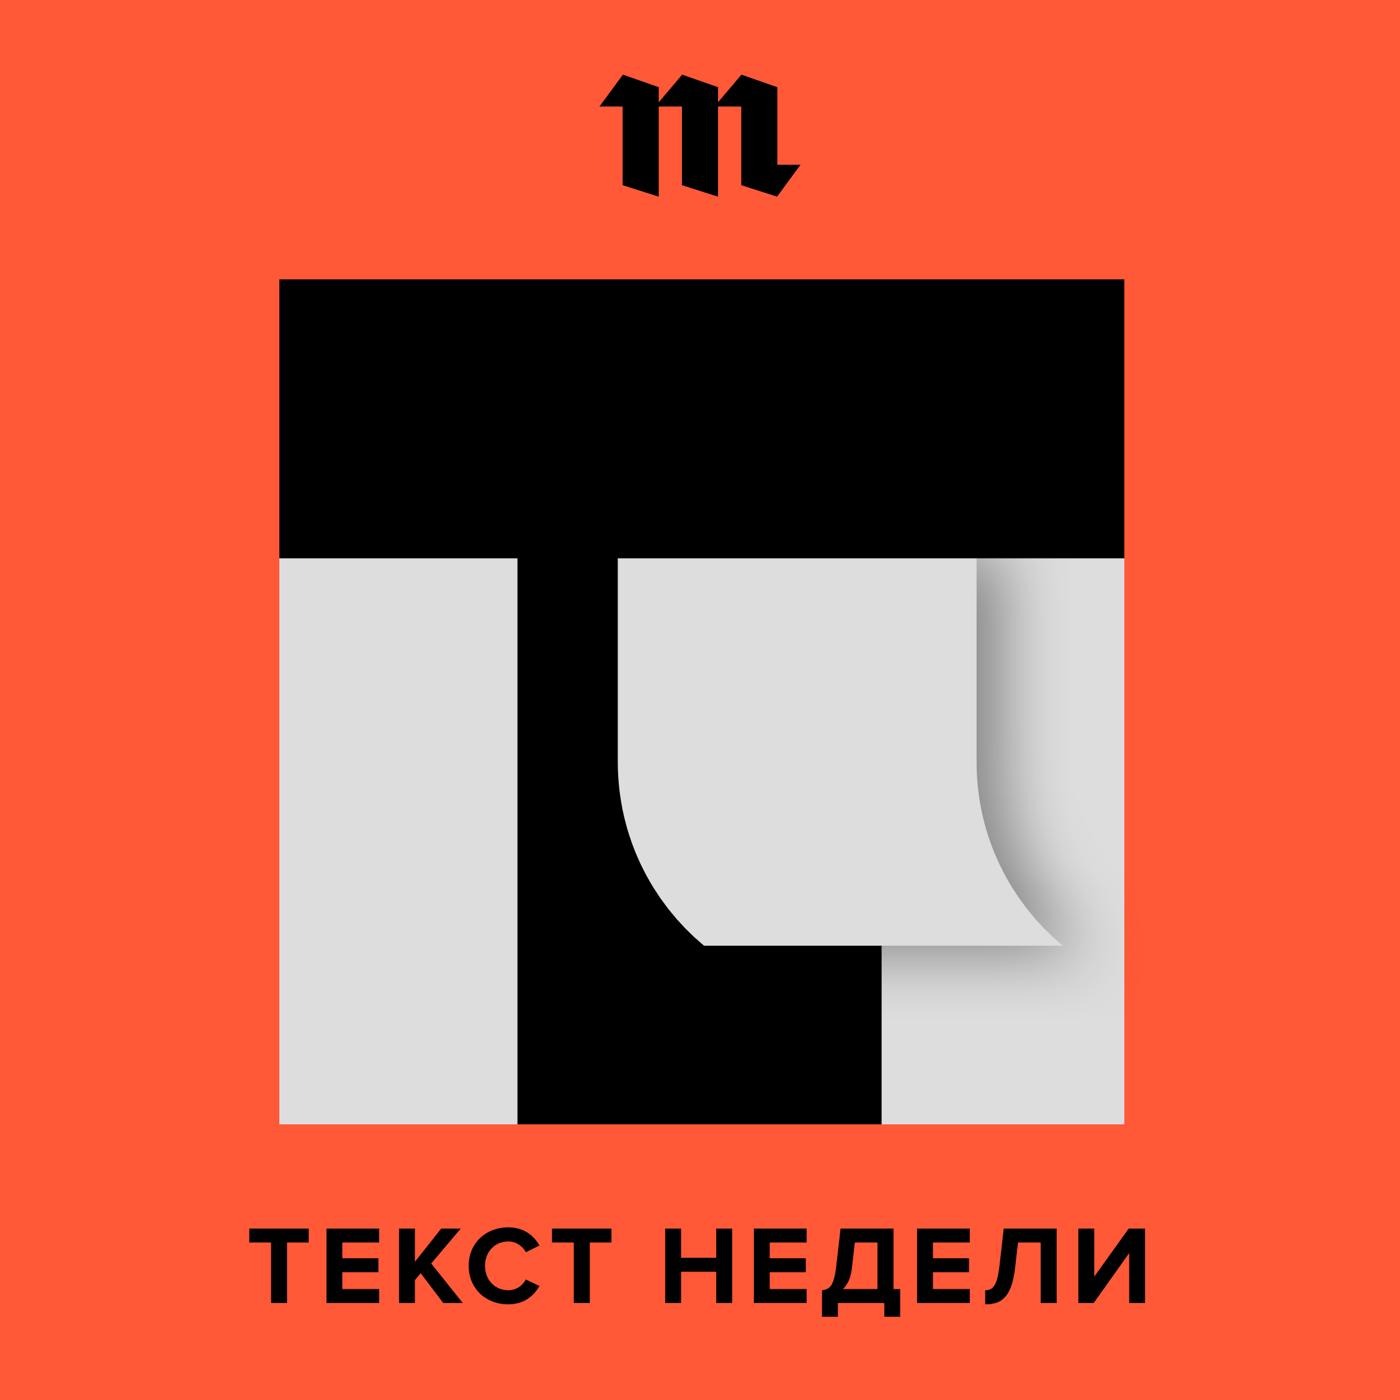 Как живет первый президент СССР. Михаил Горбачев — о Ельцине, Путине и предложениях застрелиться